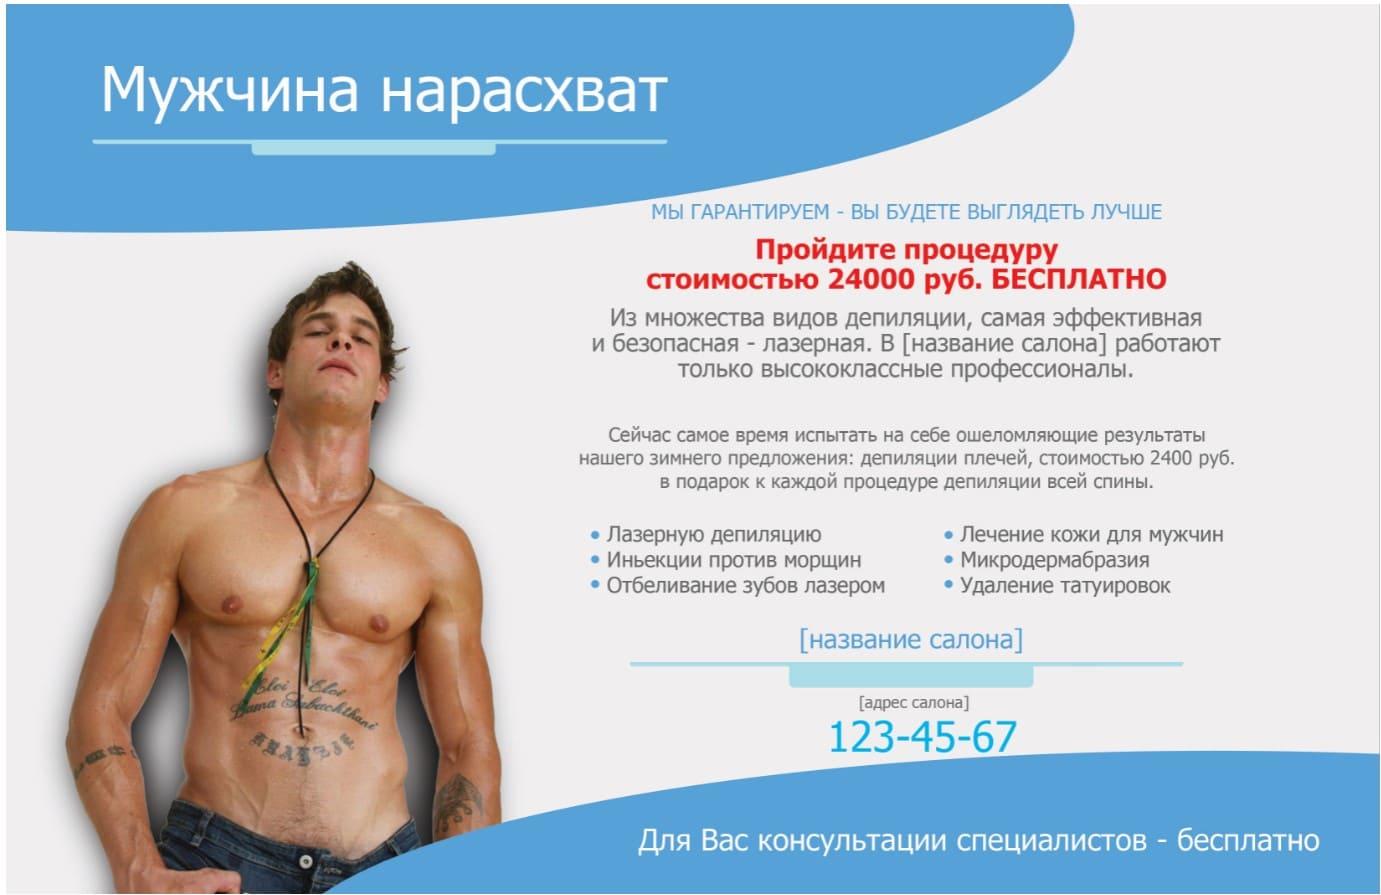 Пример рекламы для СПА салонов и студий красоты